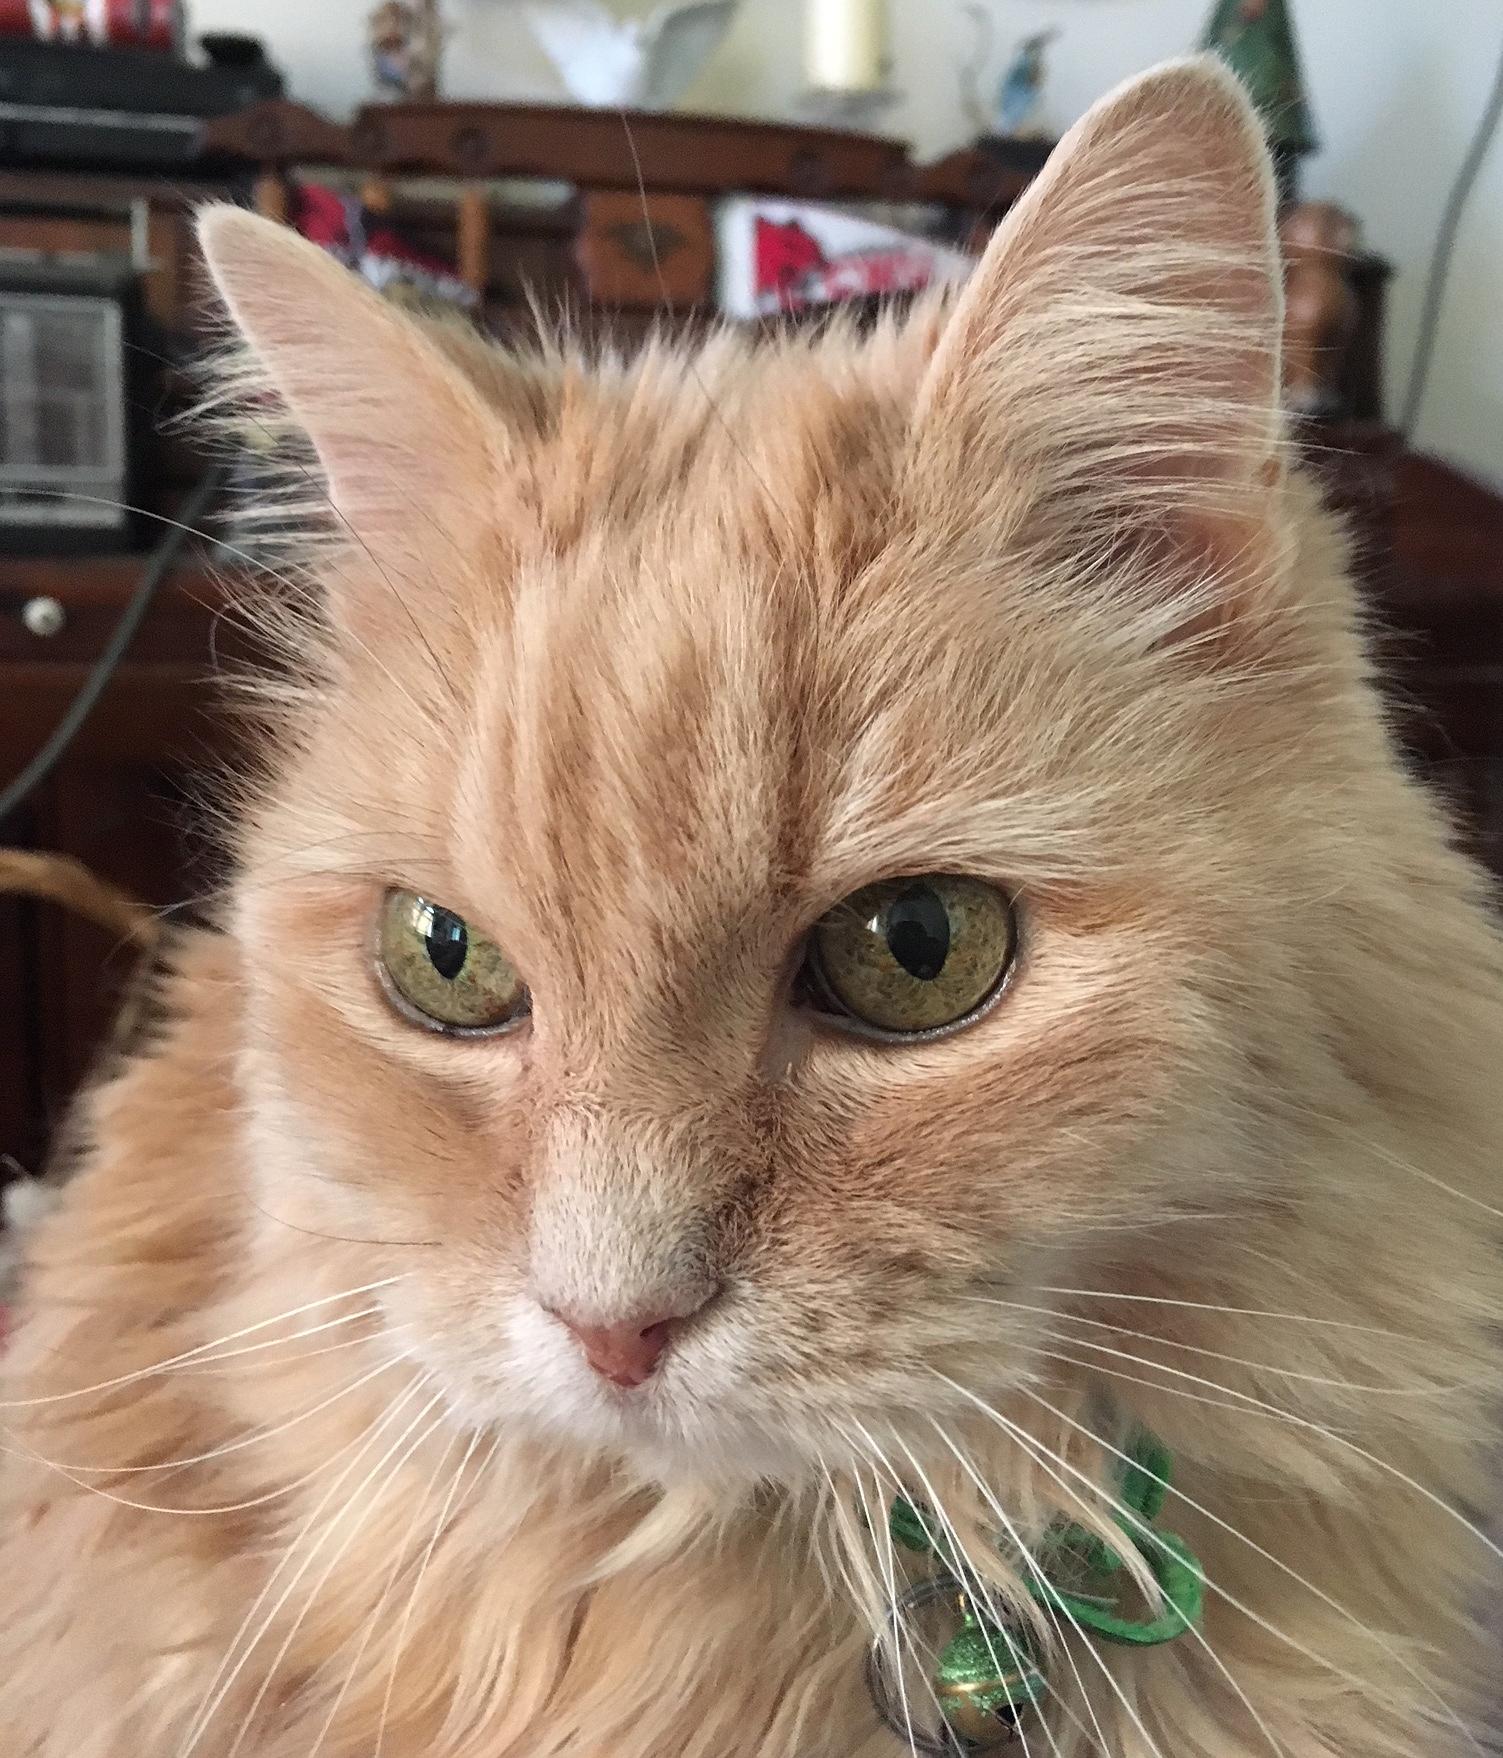 Marigold cat